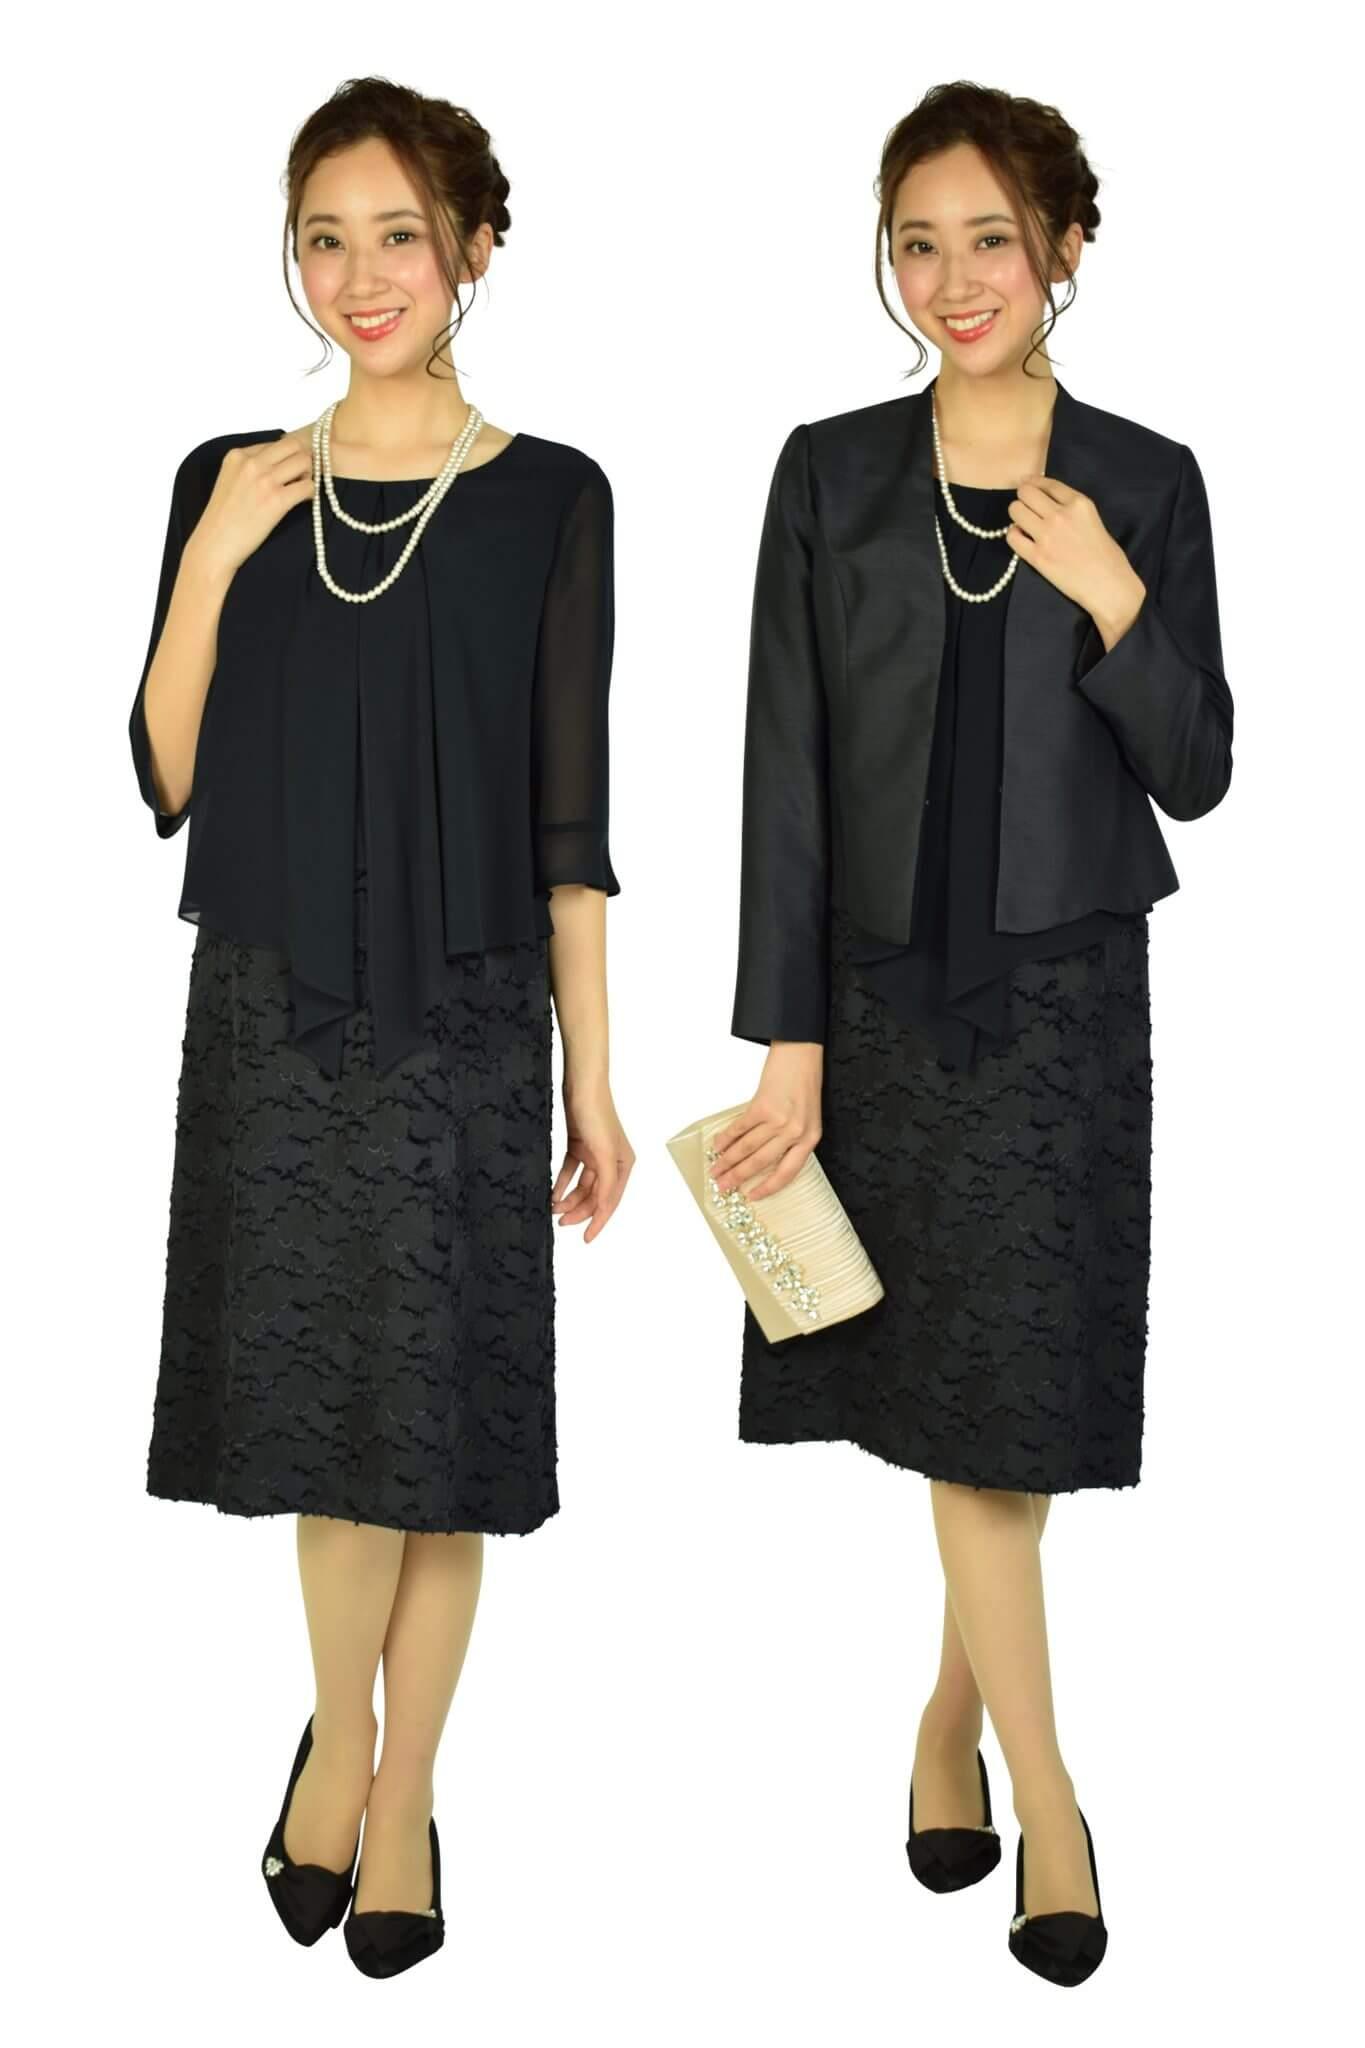 Apploberry 東京ソワールセットアップ風フラワーブラックドレス